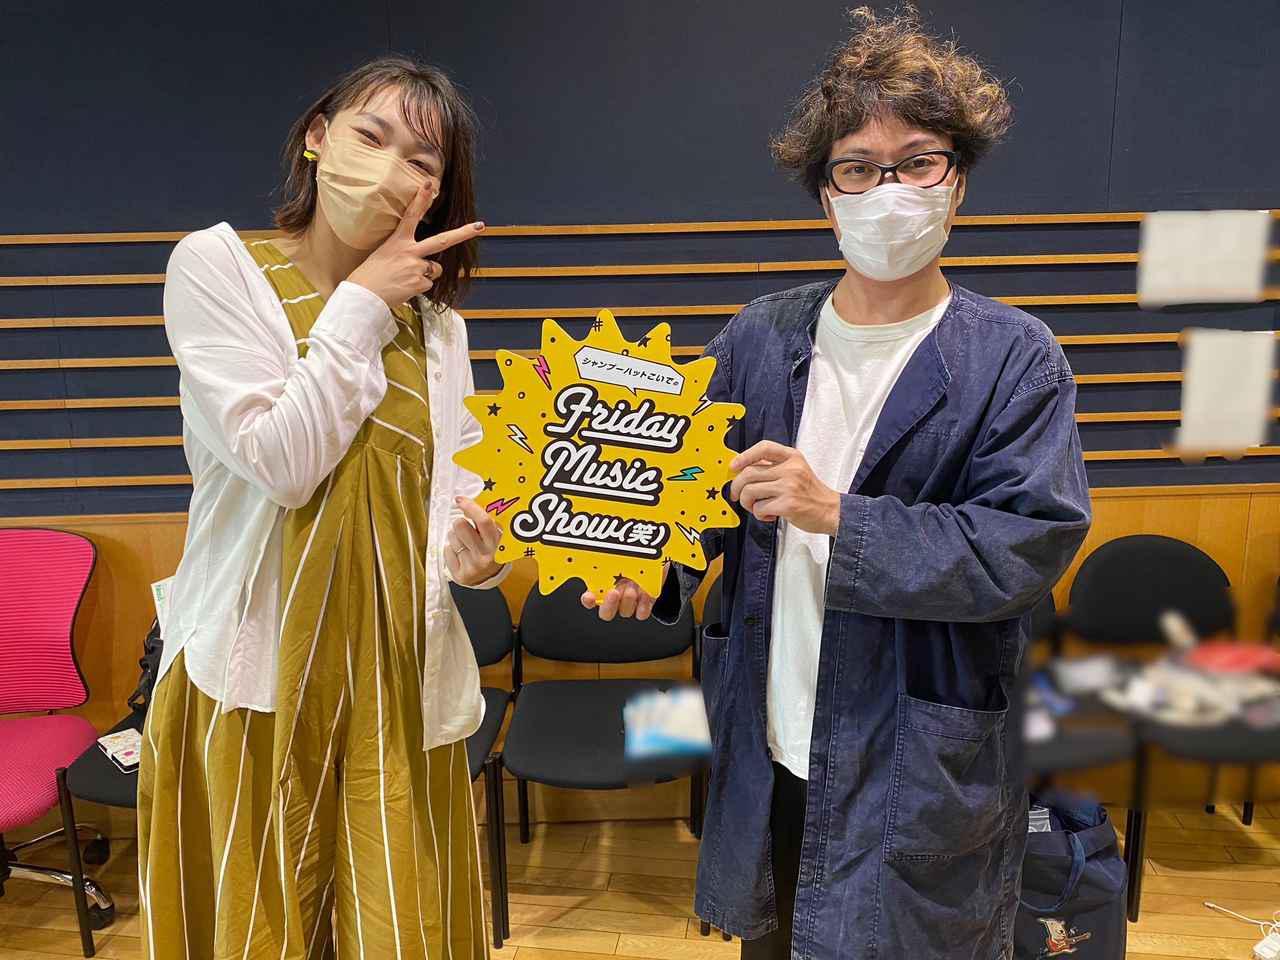 画像: 7月9日(金)シャンプーハットこいでのFriday Music Show(笑)